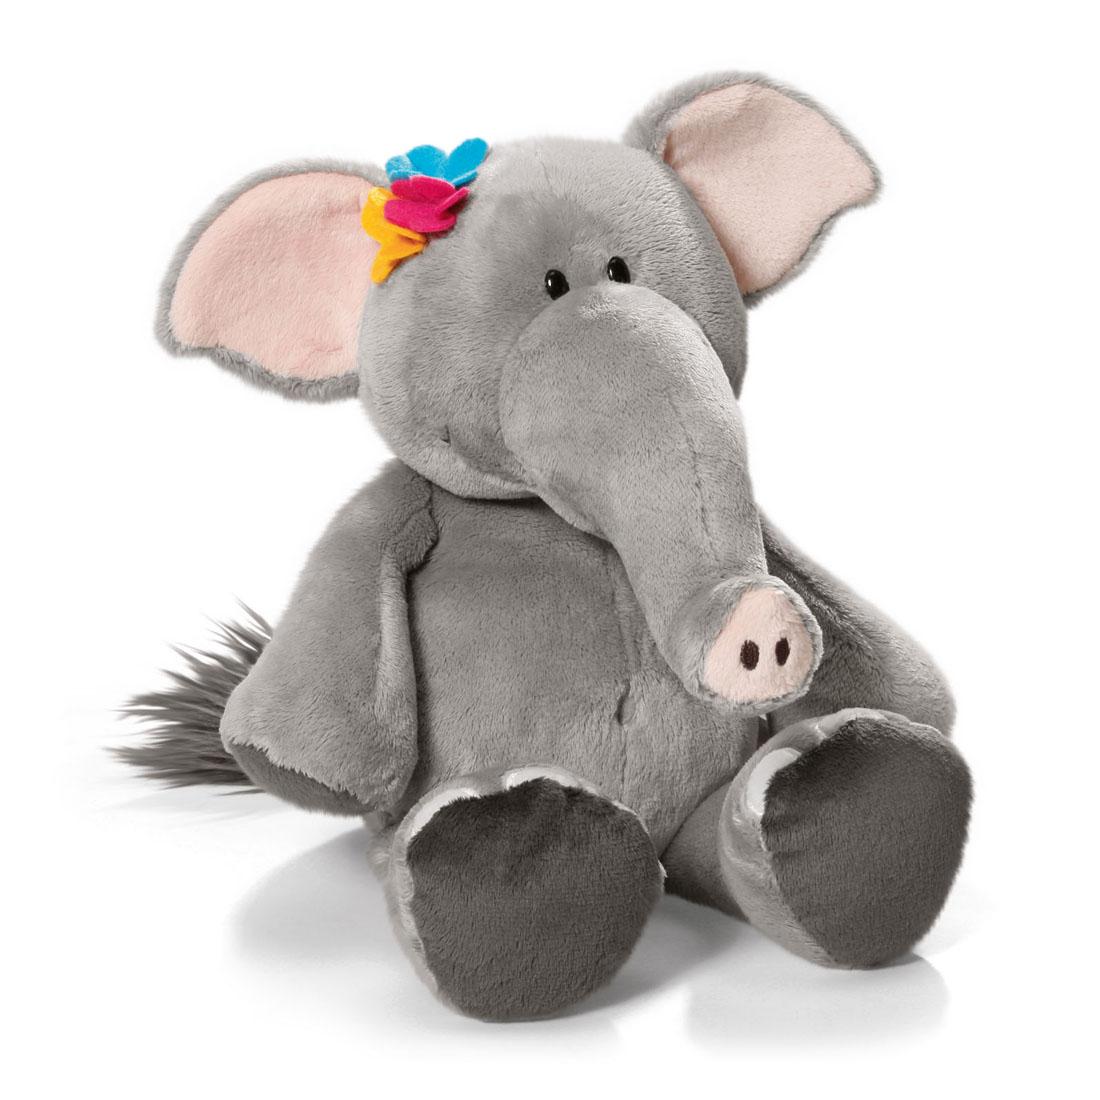 Мягкая игрушка Nici Слониха, сидячая, 15 см36600Мягкая игрушка Nici Слониха выполнена в виде симпатичной слонихи. Удивительно мягкая игрушка изготовлена из высококачественного текстильного материала серого и розового цветов с набивкой из синтепона и пластиковых гранул. Глазки у слонихи пластиковые, голова украшена разноцветными цветочками. Игрушку легко можно посадить на ровную поверхность. Оригинальный стиль и великолепное качество исполнения делают эту игрушку чудесным подарком к любому празднику. Немецкая компания Nici является одним из лидеров на Европейском рынке мягких игрушек и подарков. Продукцию компании можно встретить везде: это и значок на школьном рюкзаке, и магнит на холодильнике, и поздравительная открытка, и мягкая игрушка, и автомобильный талисман. Игрушки Nici - это товары высочайшего качества и инновационного дизайна. Для создания всего одной игрушки работает большое количество людей и используется самое современное оборудование и технологии. И делается все это для того, чтобы добиться...